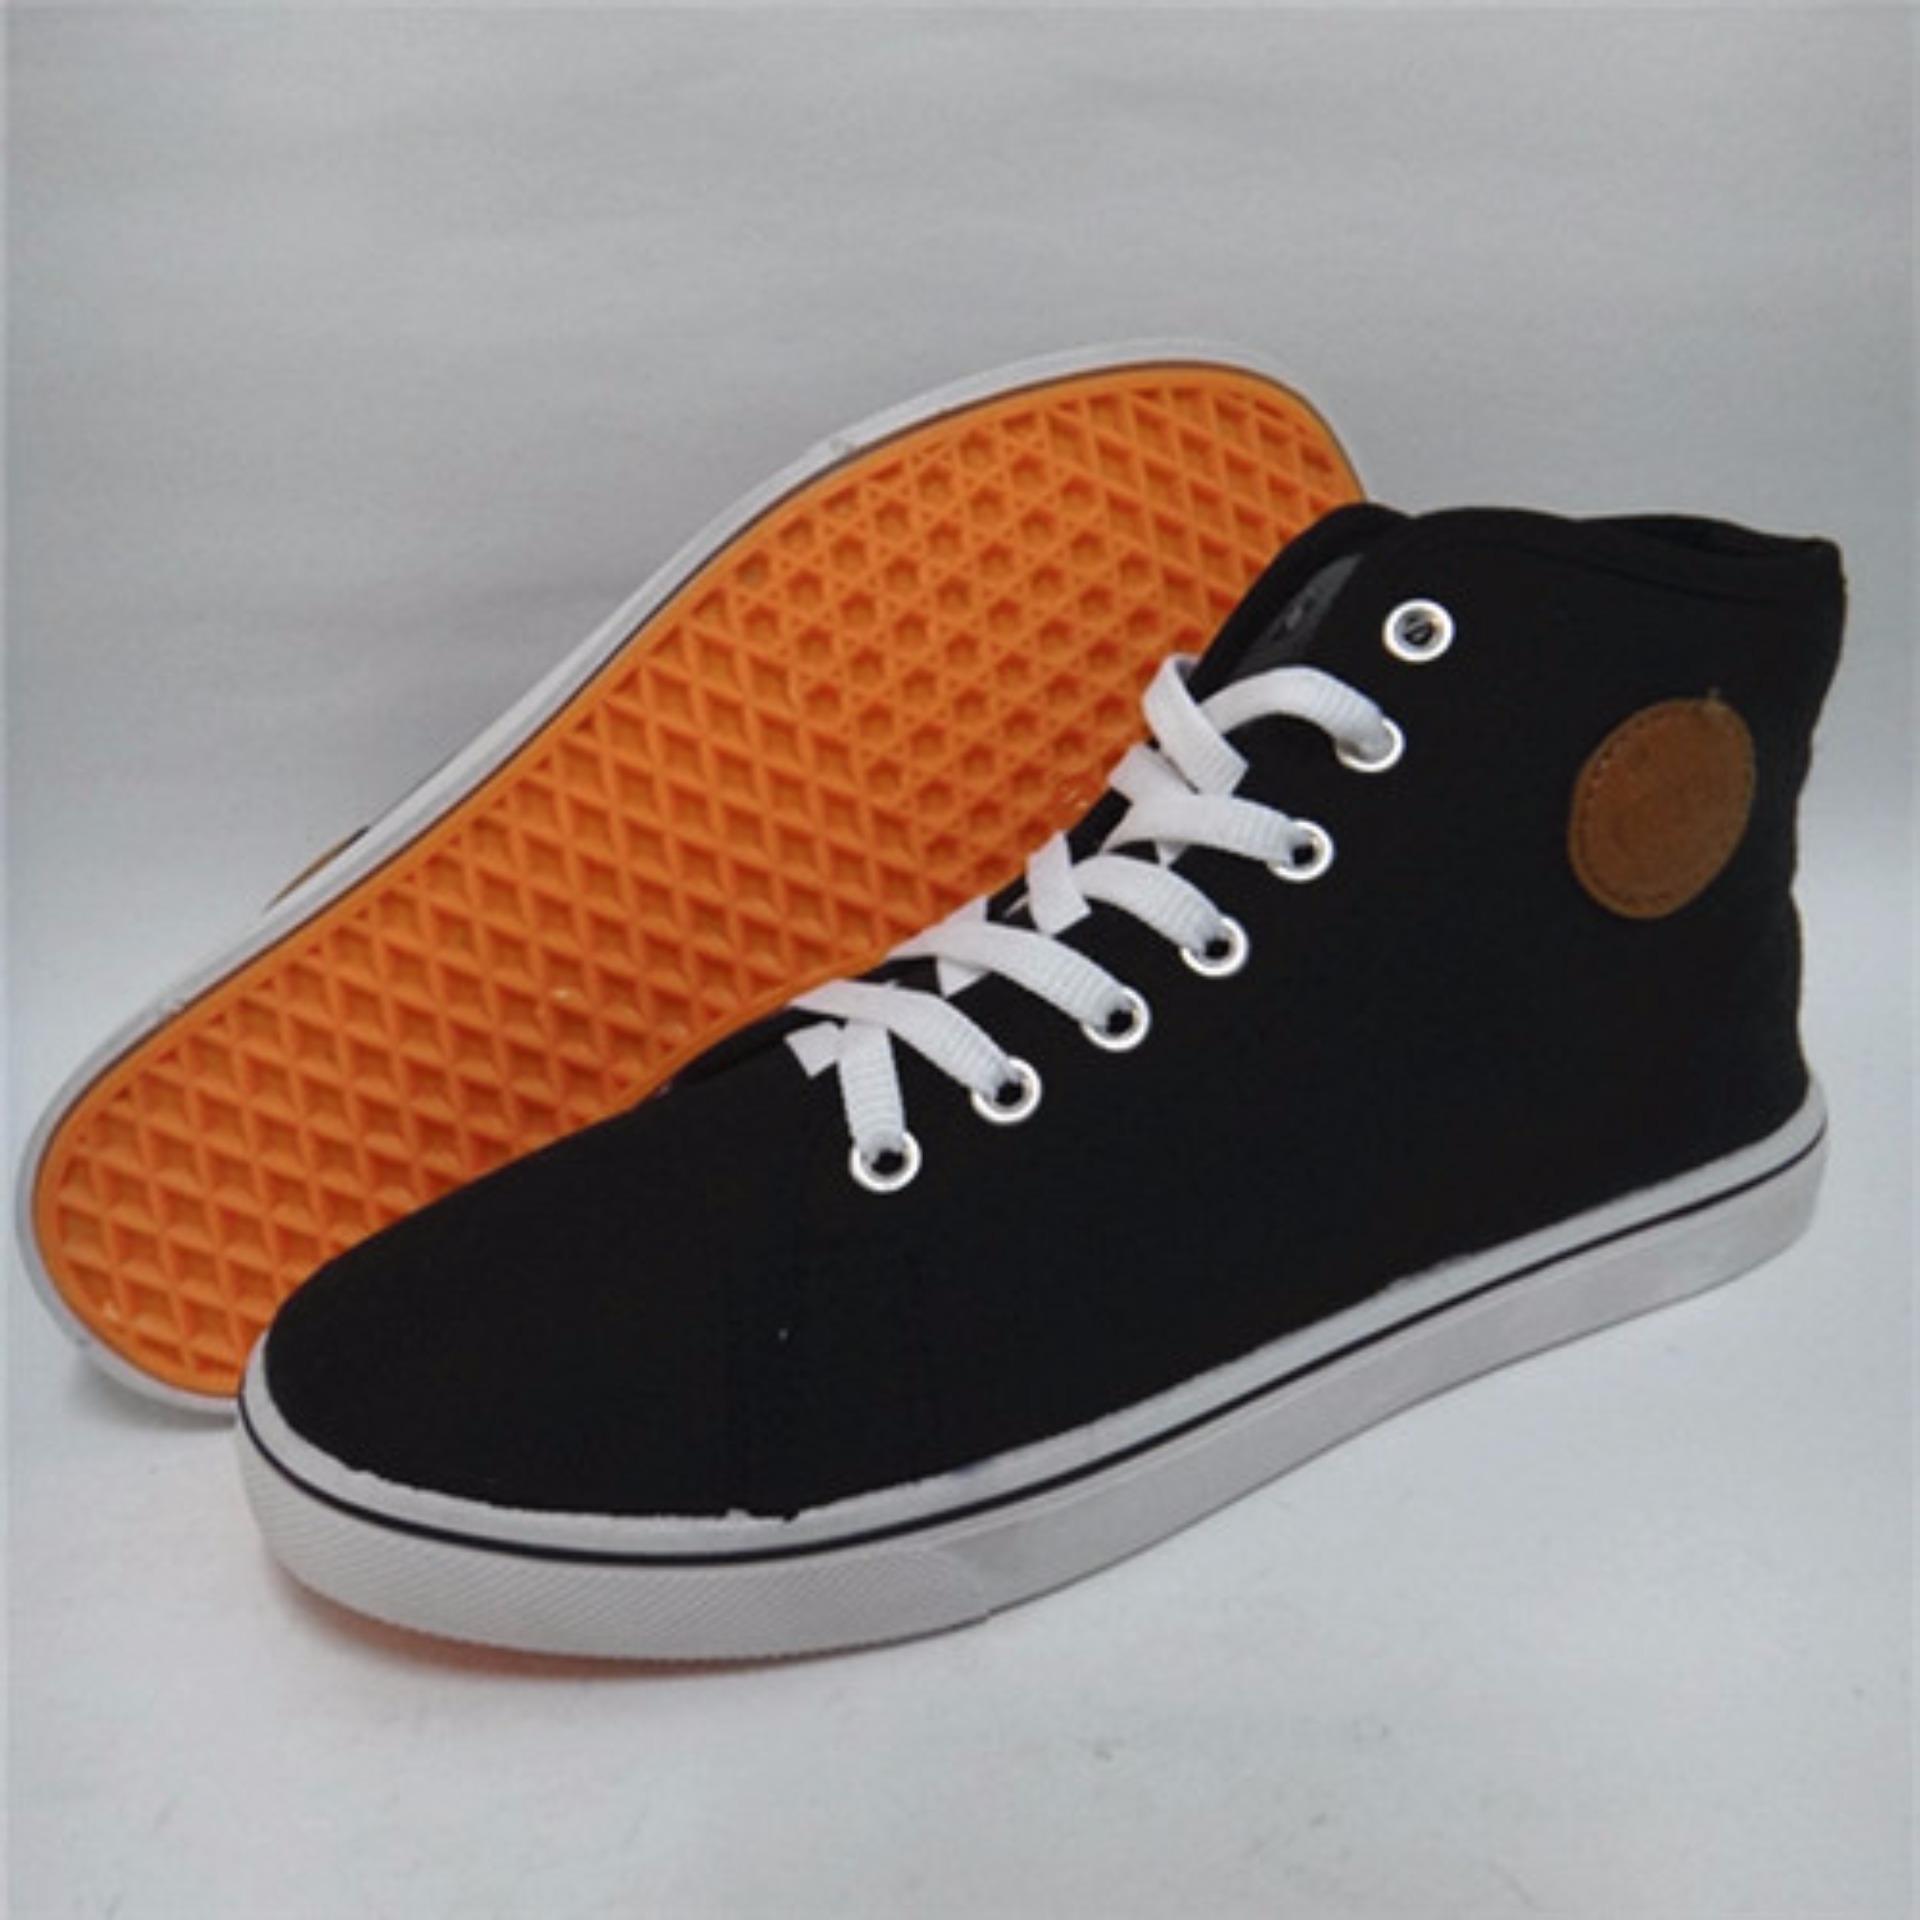 Sepatu Canvas Cewek Cowok Boots Sekolah - Daftar Harga Terkini ... af69145ea3